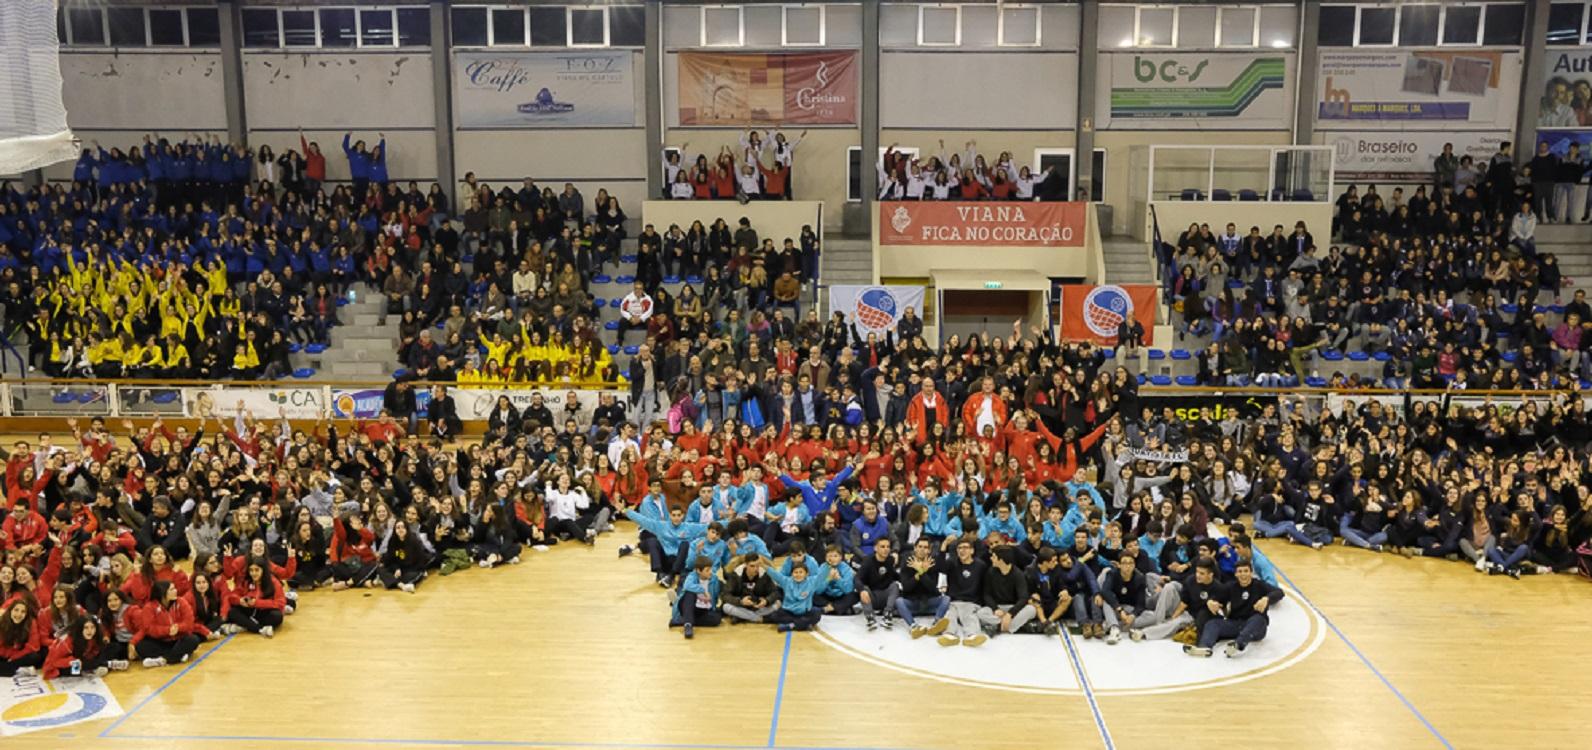 Perto de mil atletas disputaram o Viana Volley Cup